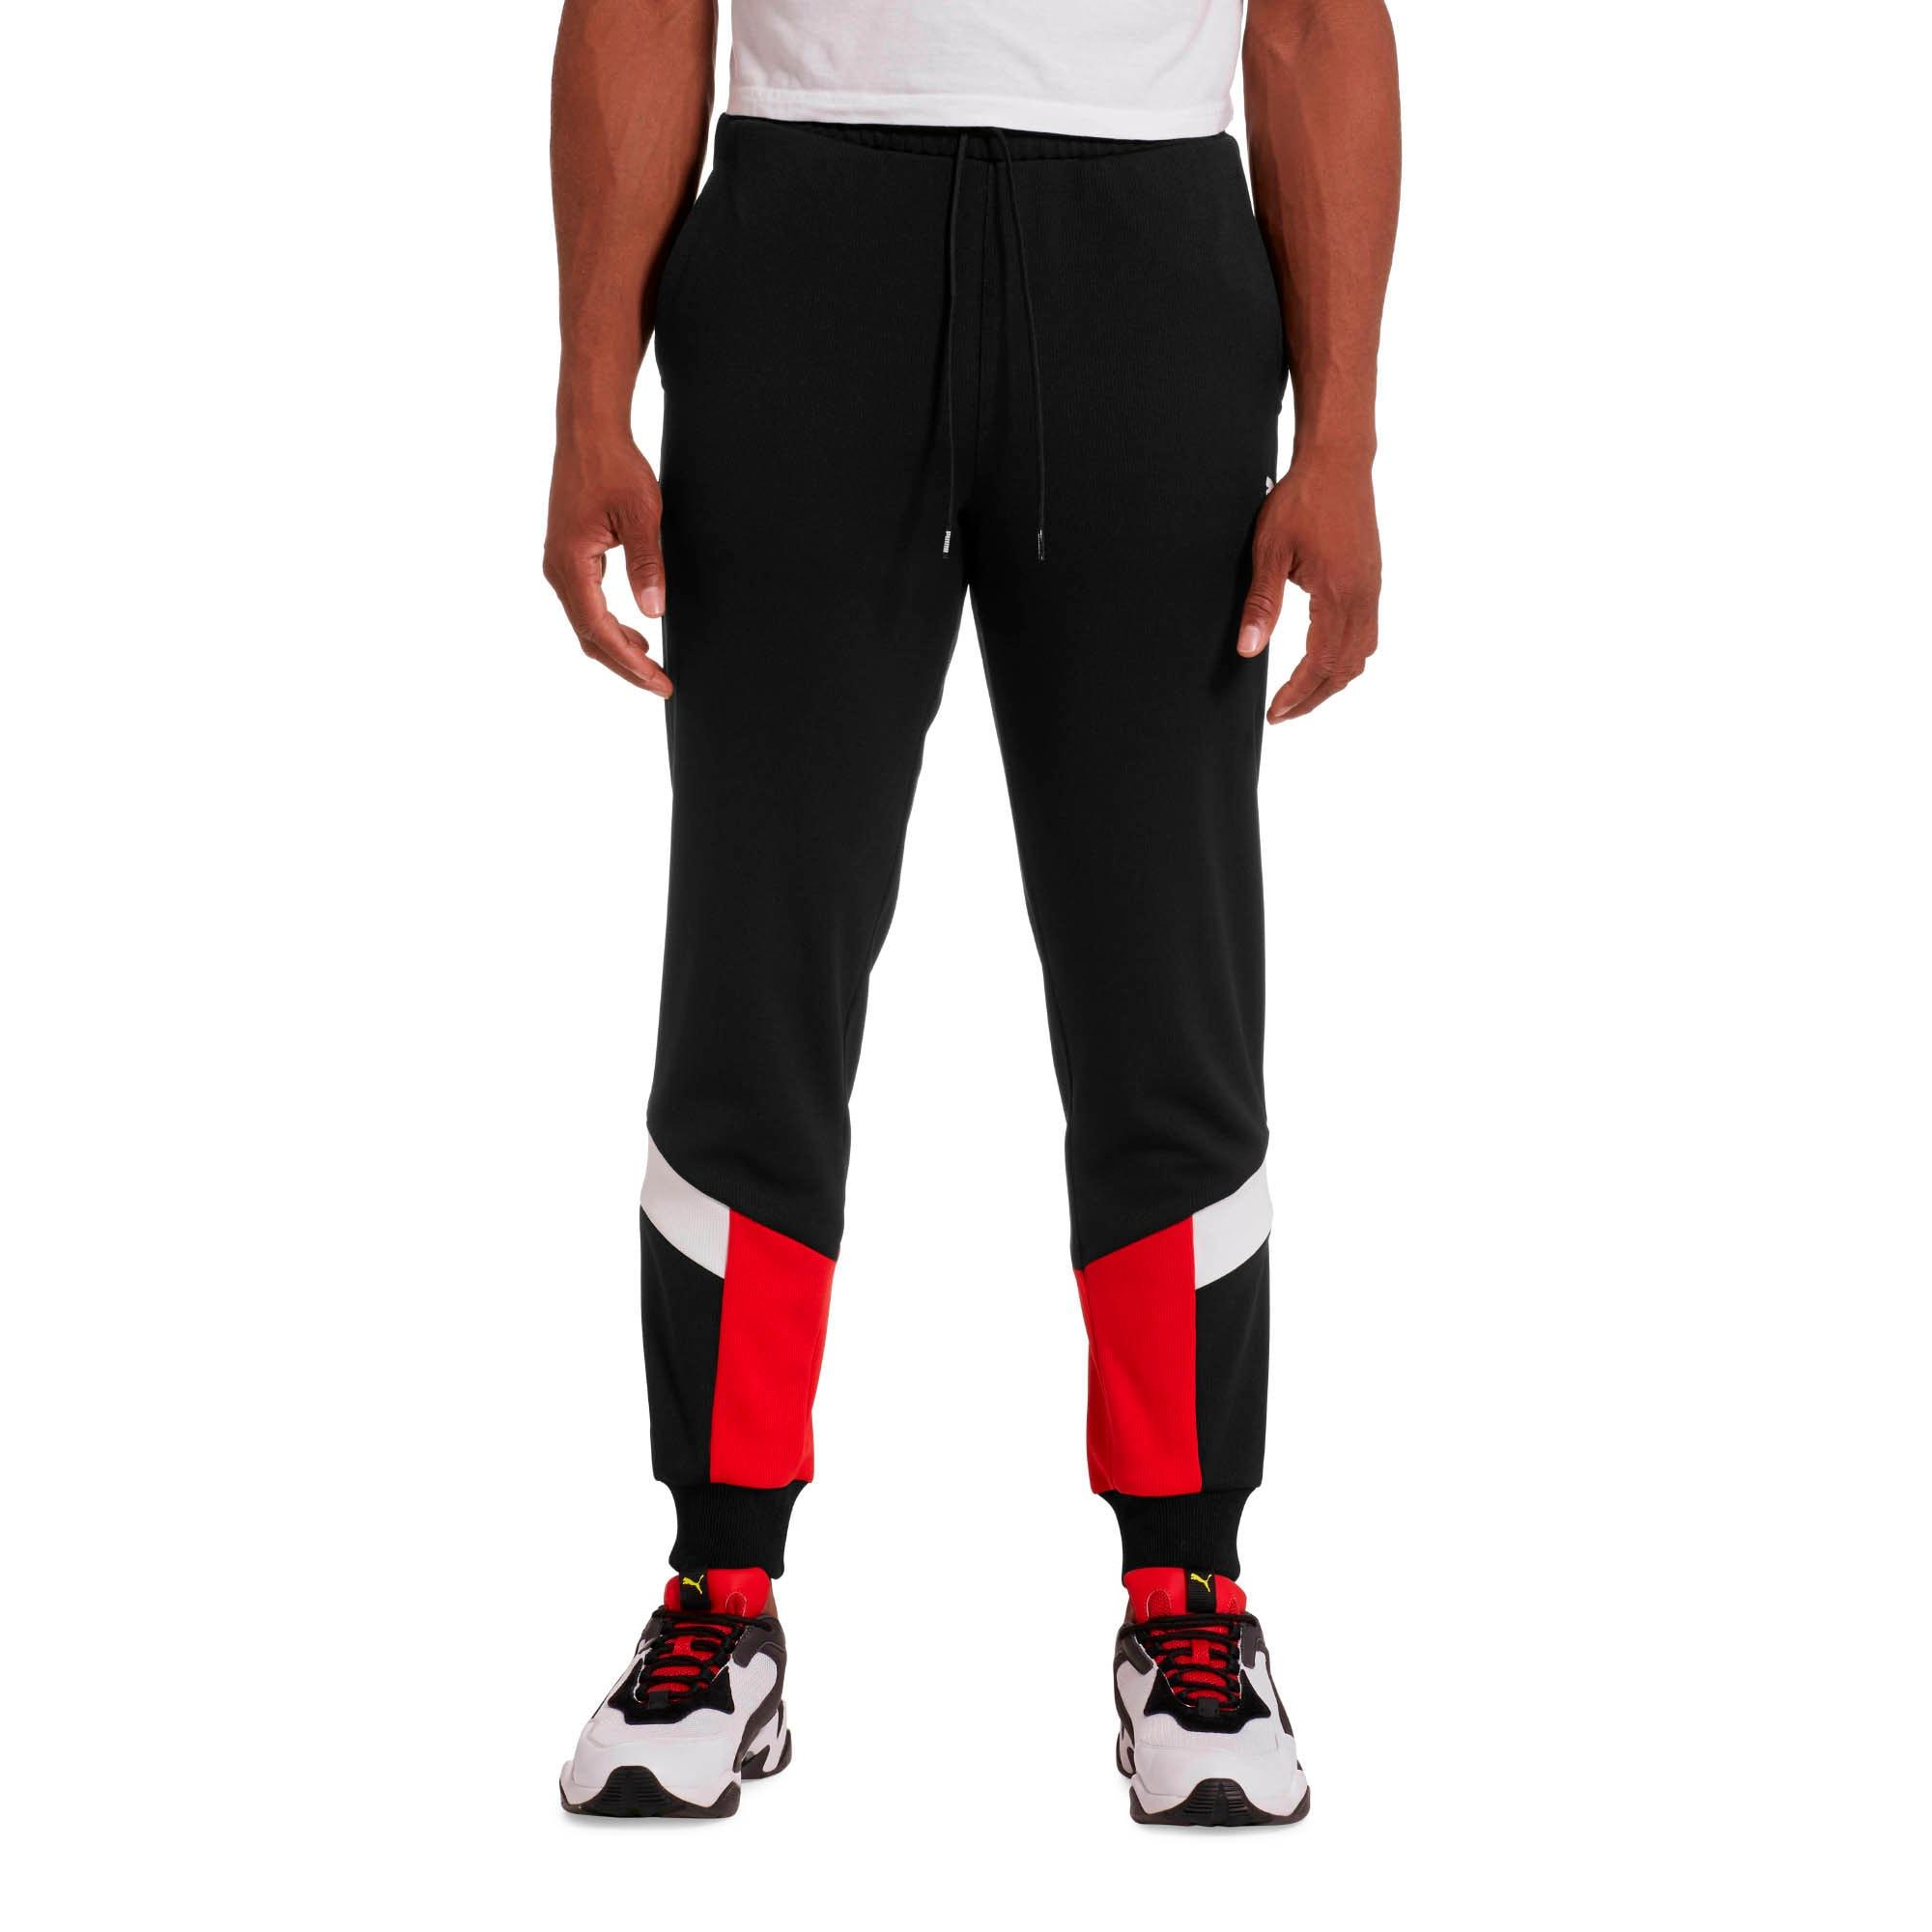 Thumbnail 1 of Iconic MCS Men's Mesh Track Pants, Puma Black, medium